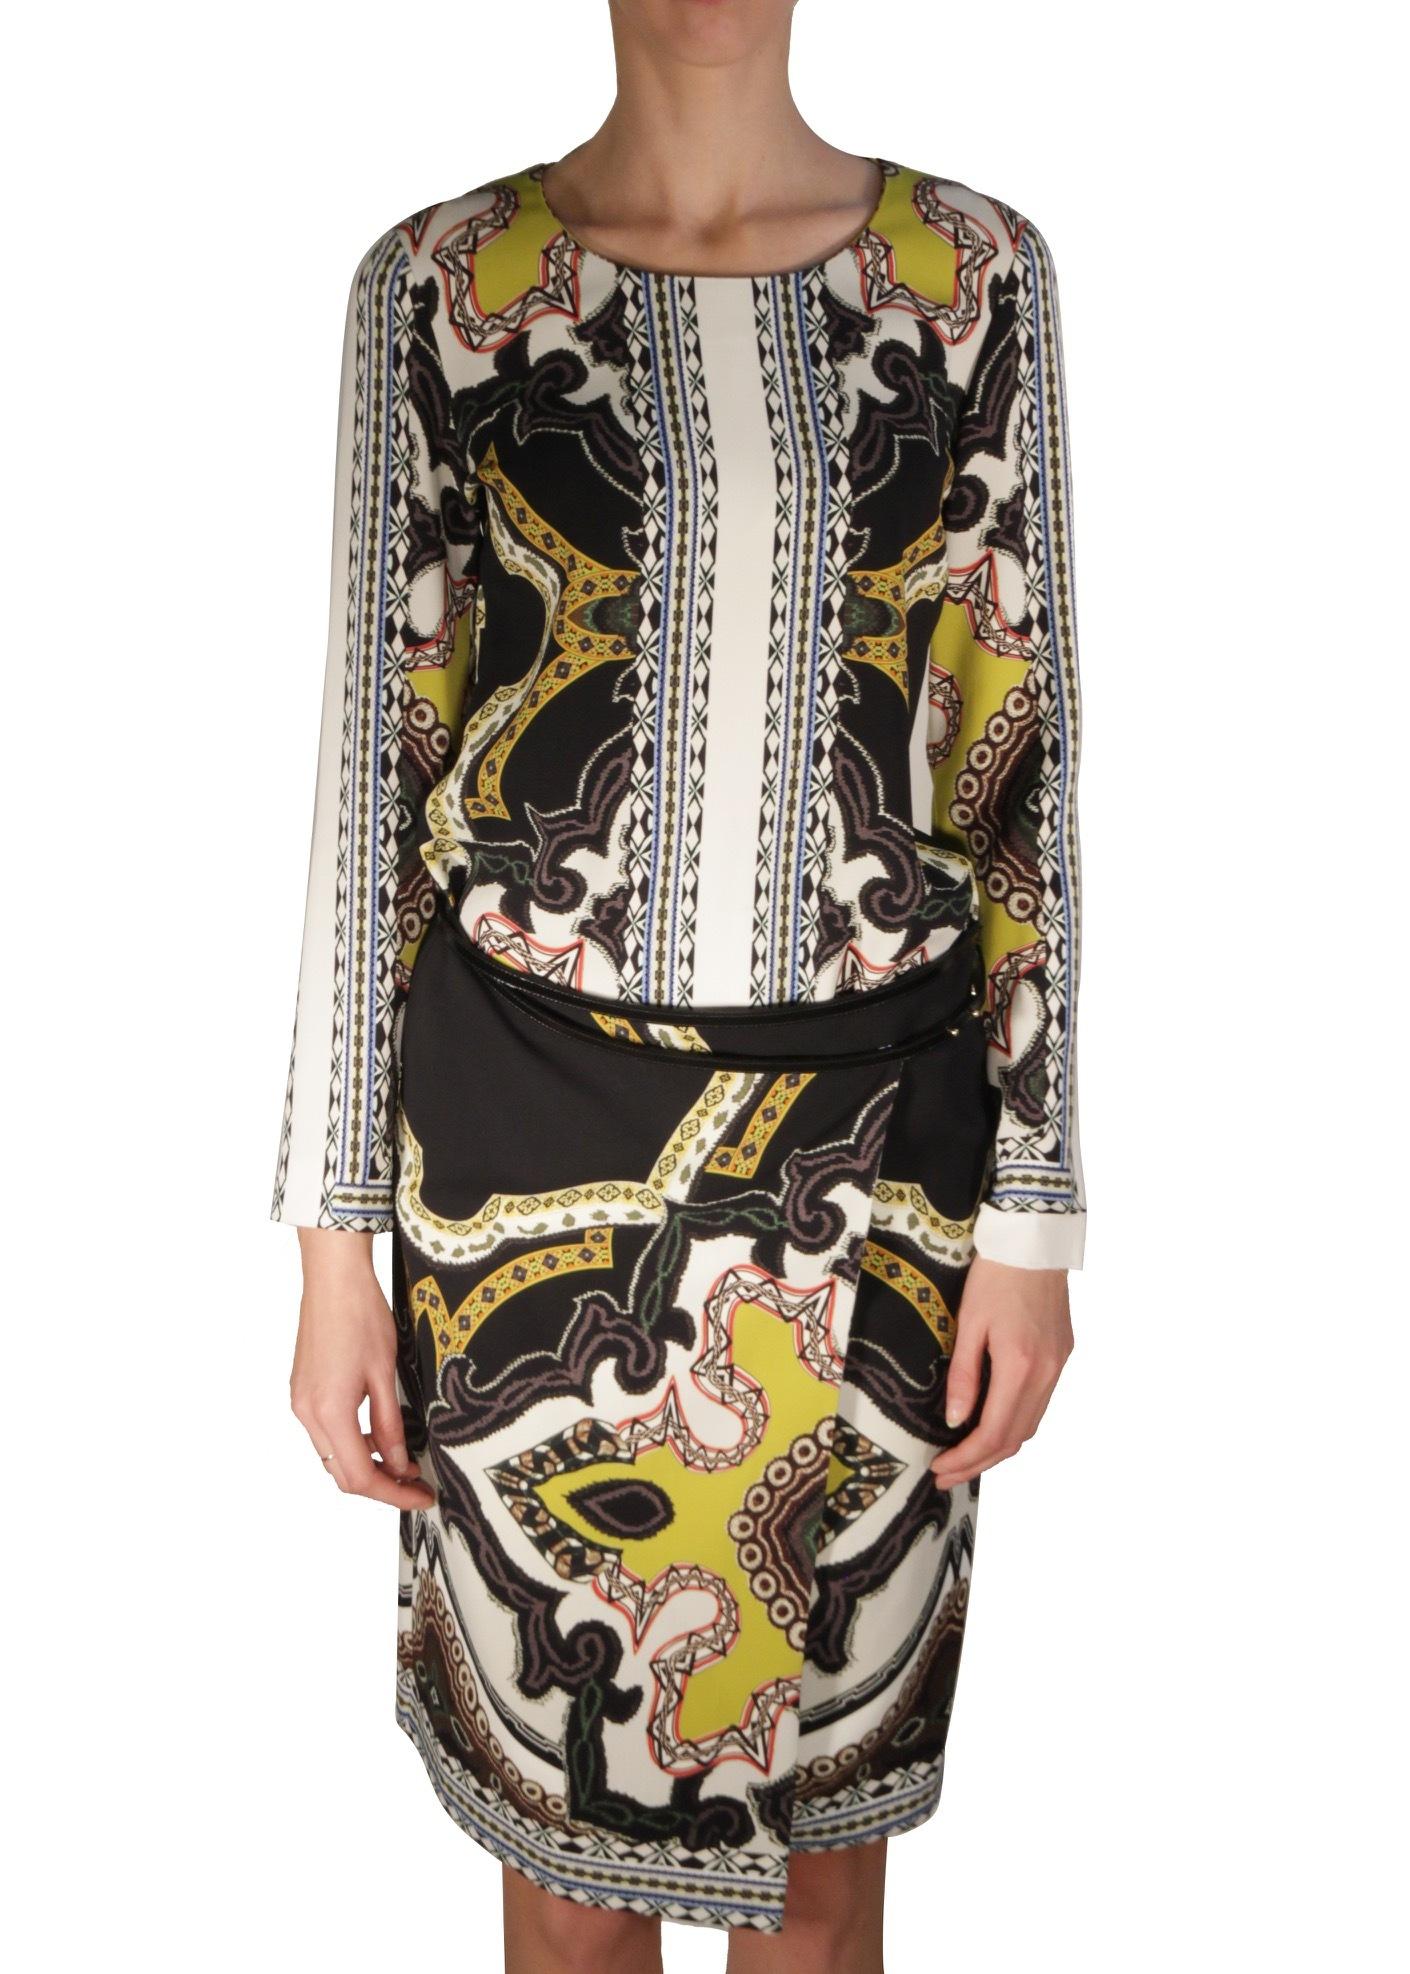 YOOX  Shop Fashion  DesignArt